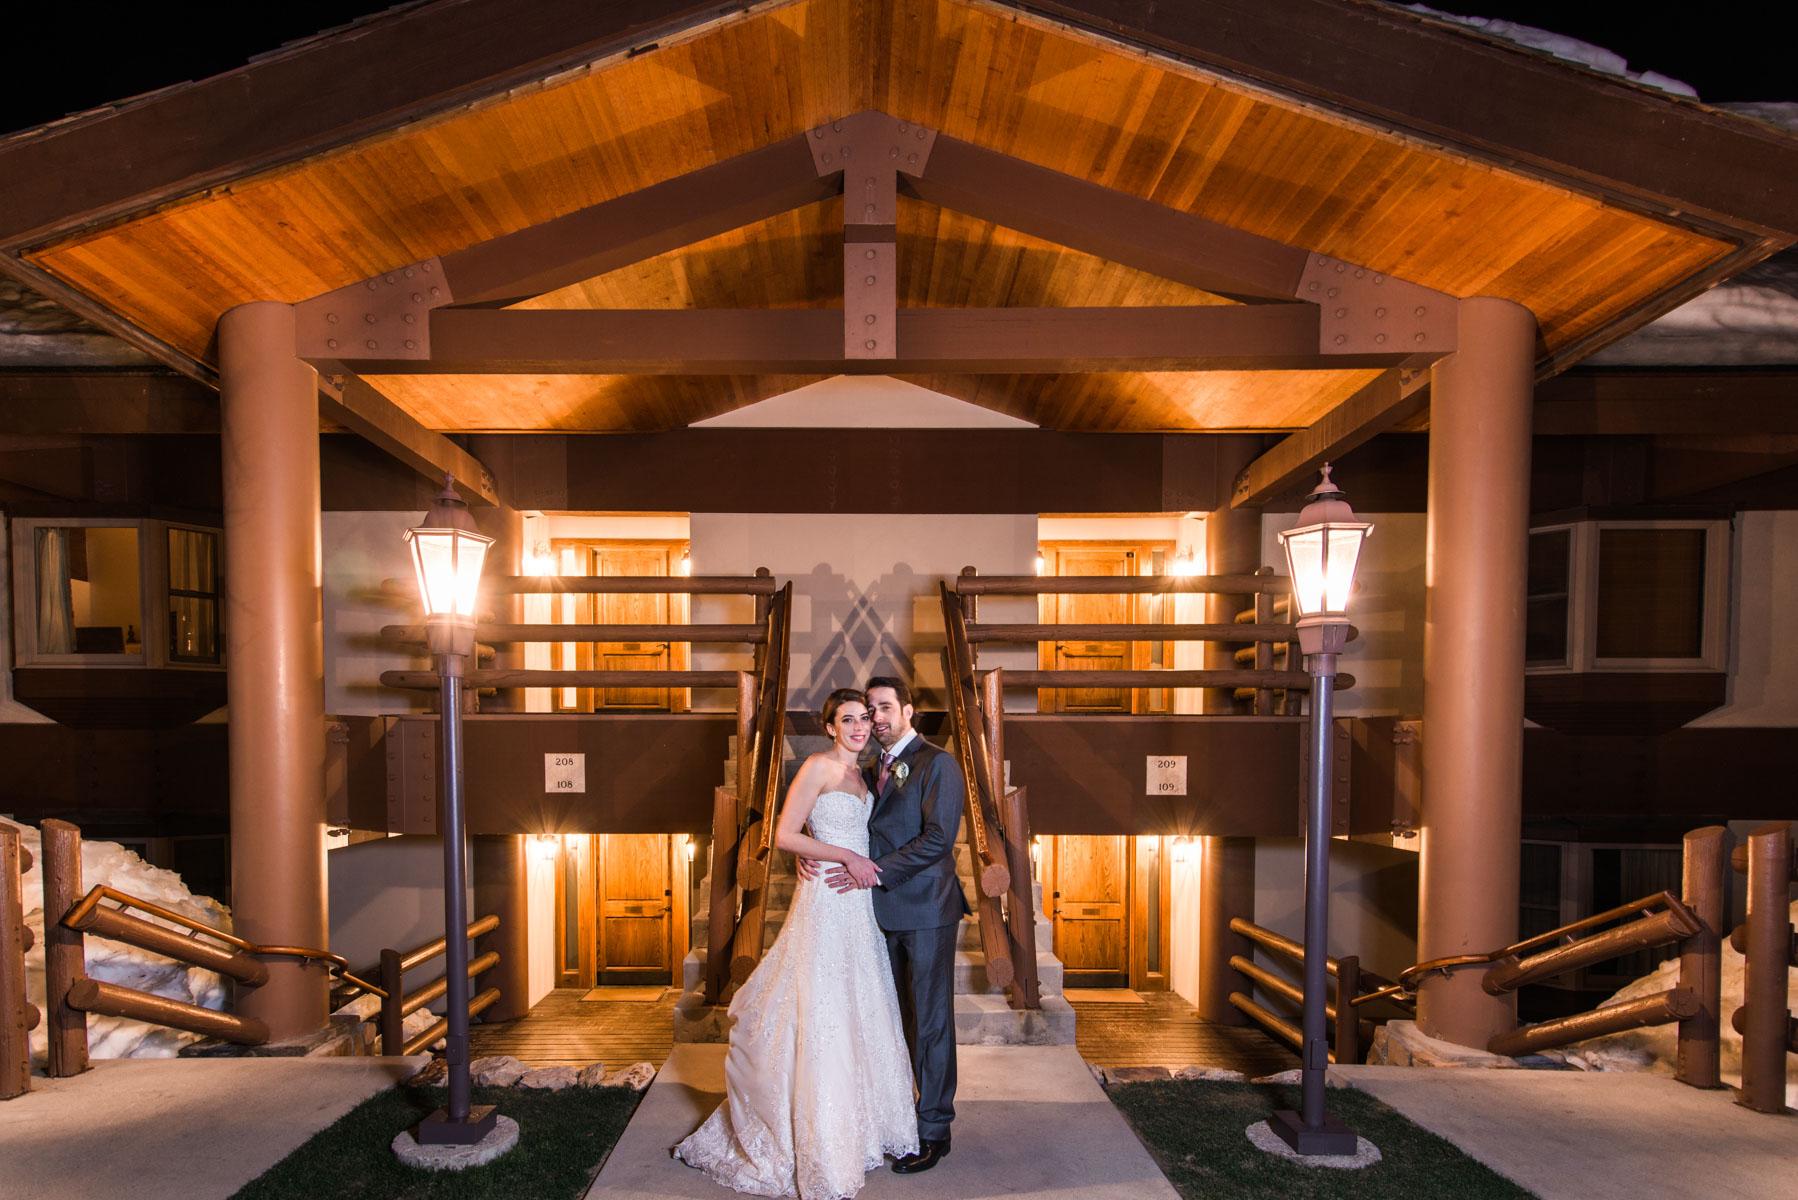 Best Park City Wedding Venue_Winter_Weddings_Stein_Eriksen_Lodge-8825.jpg